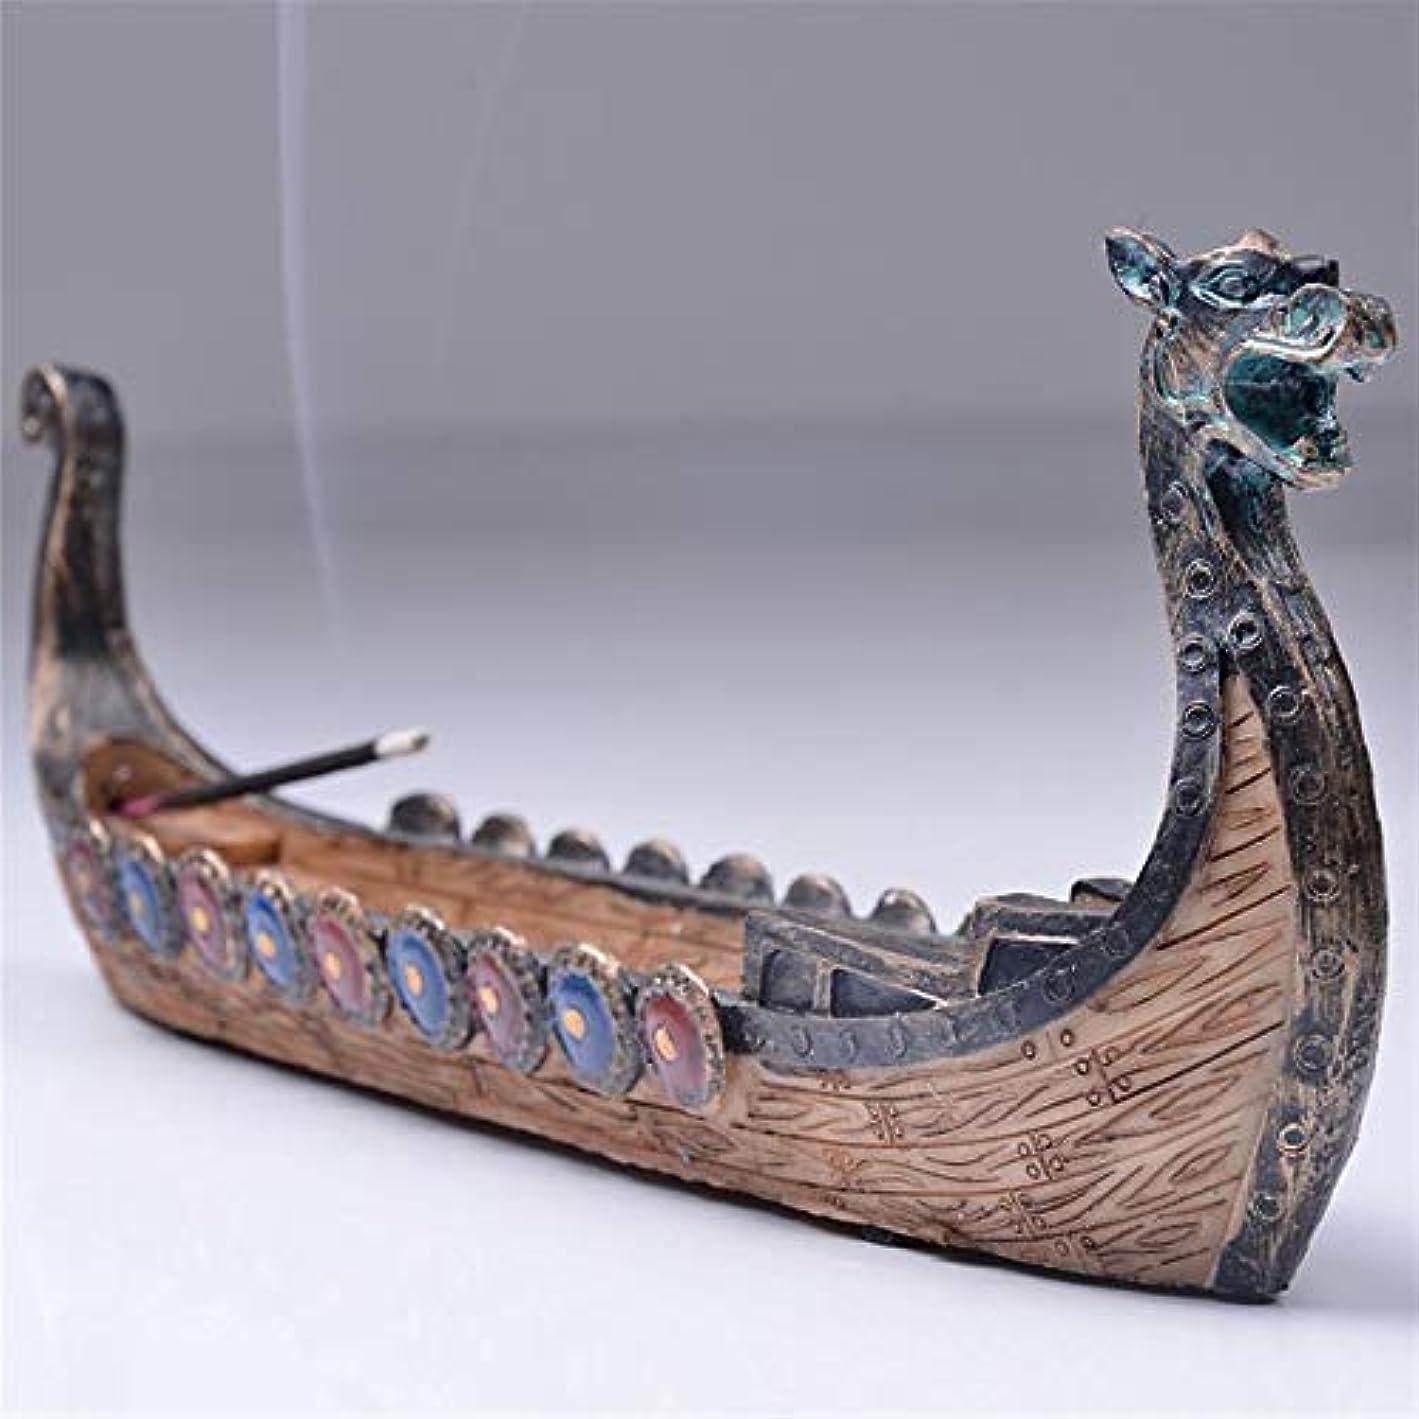 眠いです遠近法遺伝子Ochoos ドラゴンボート 線香ホルダー バーナー 手彫り 彫刻 香炉 オーナメント レトロ 香炉 伝統的デザイン #SW